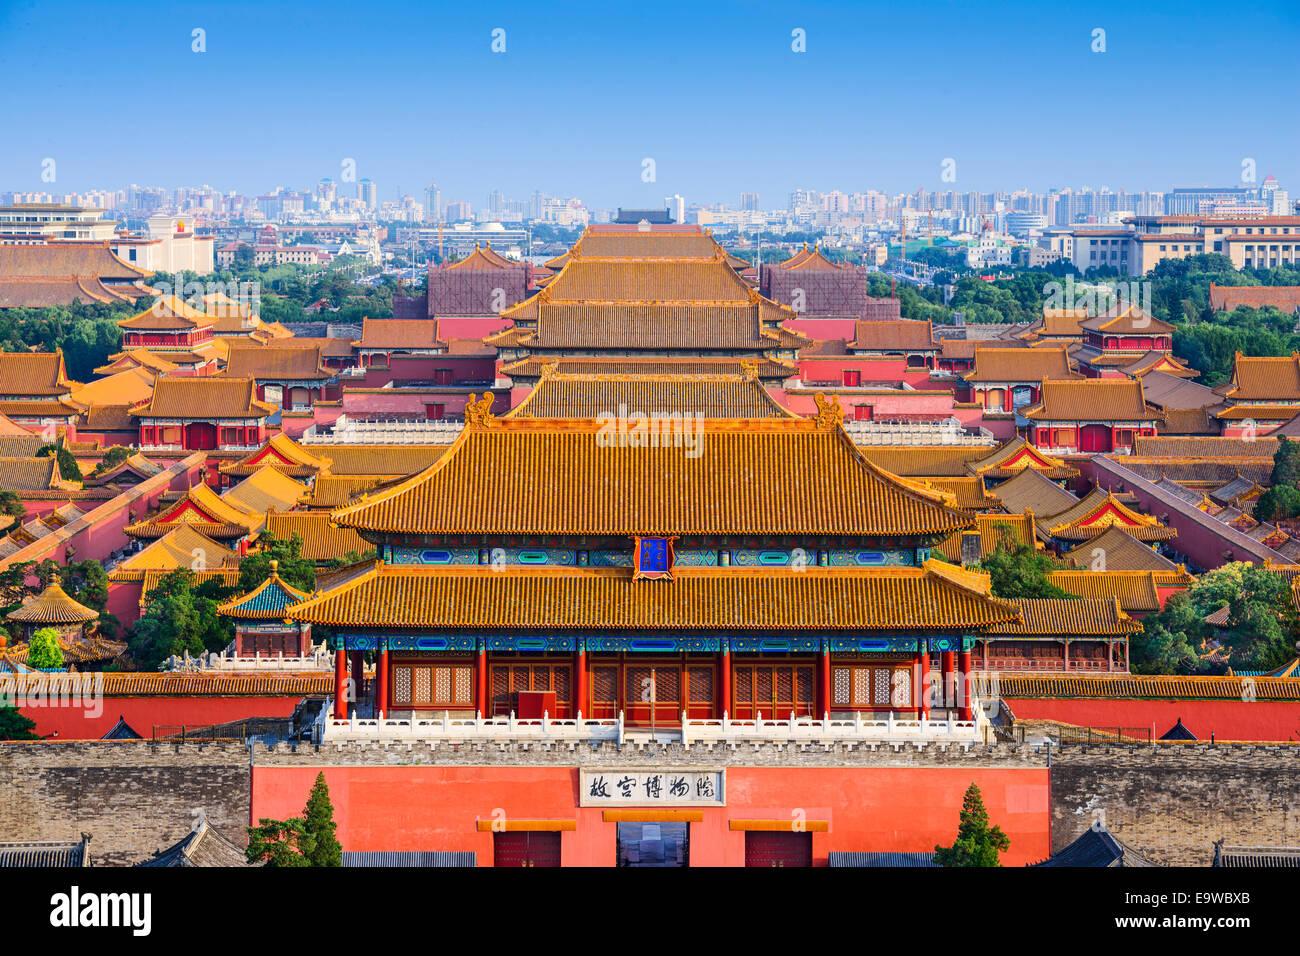 Skyline von Peking in der verbotenen Stadt. Stockfoto